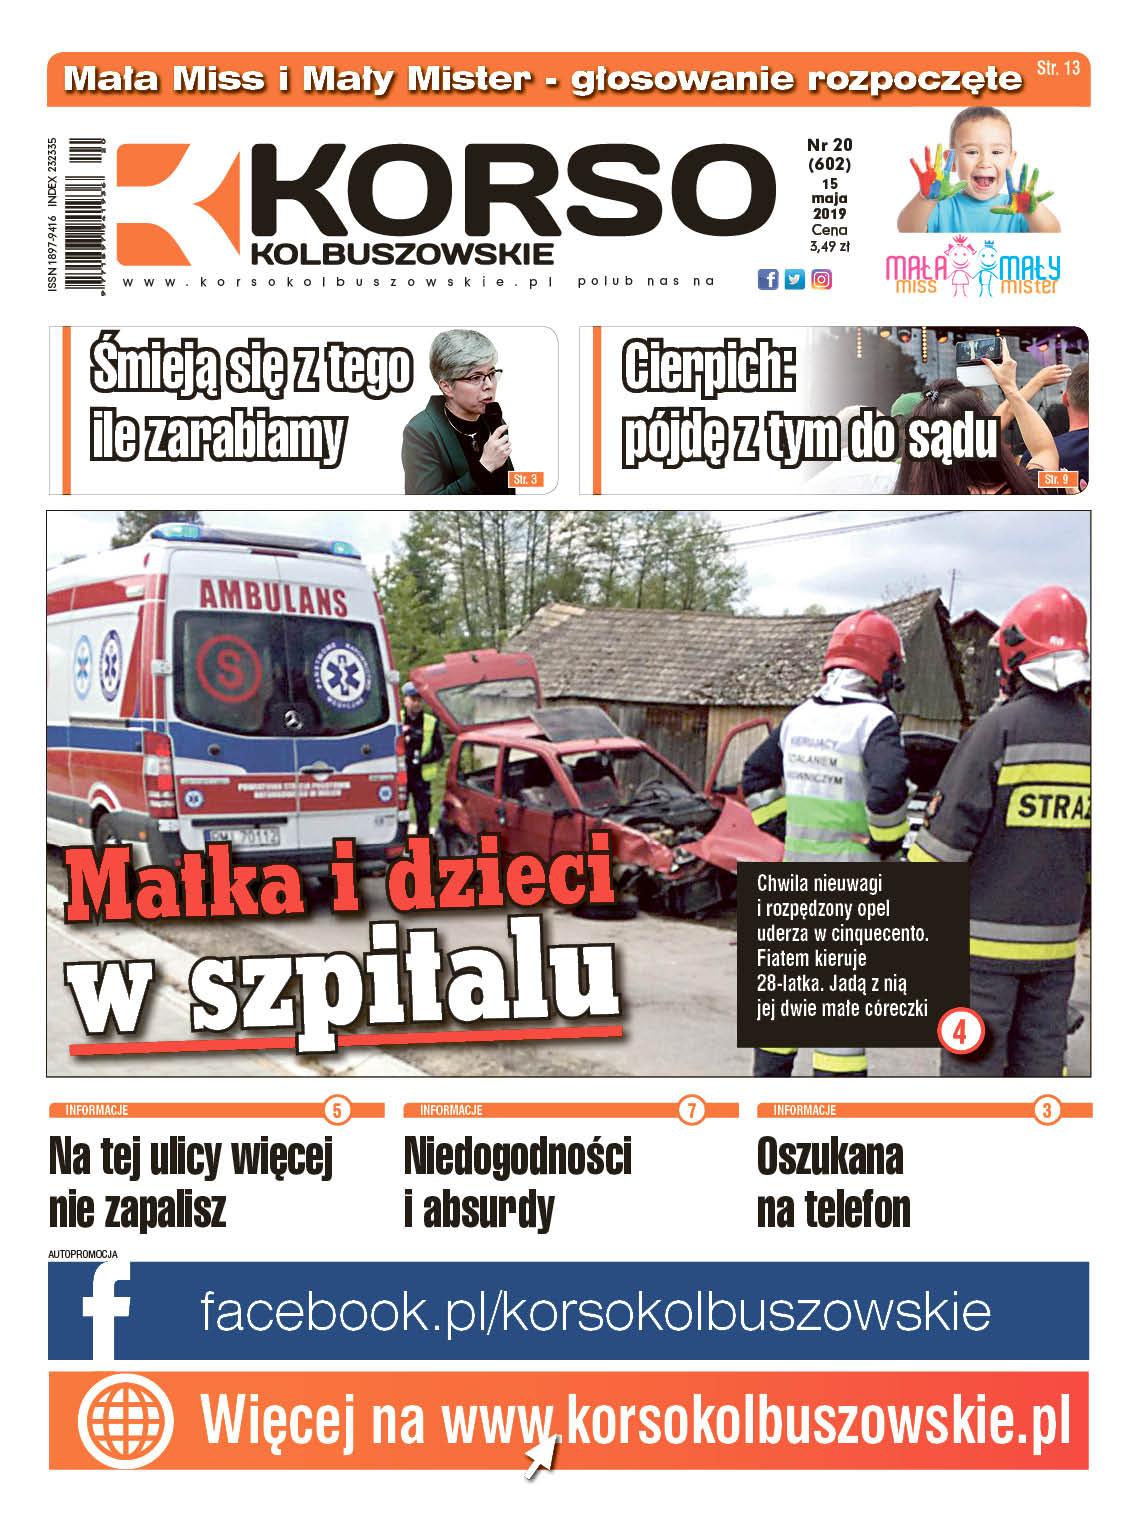 Korso Kolbuszowskie - nr 20/2019 - Zdjęcie główne